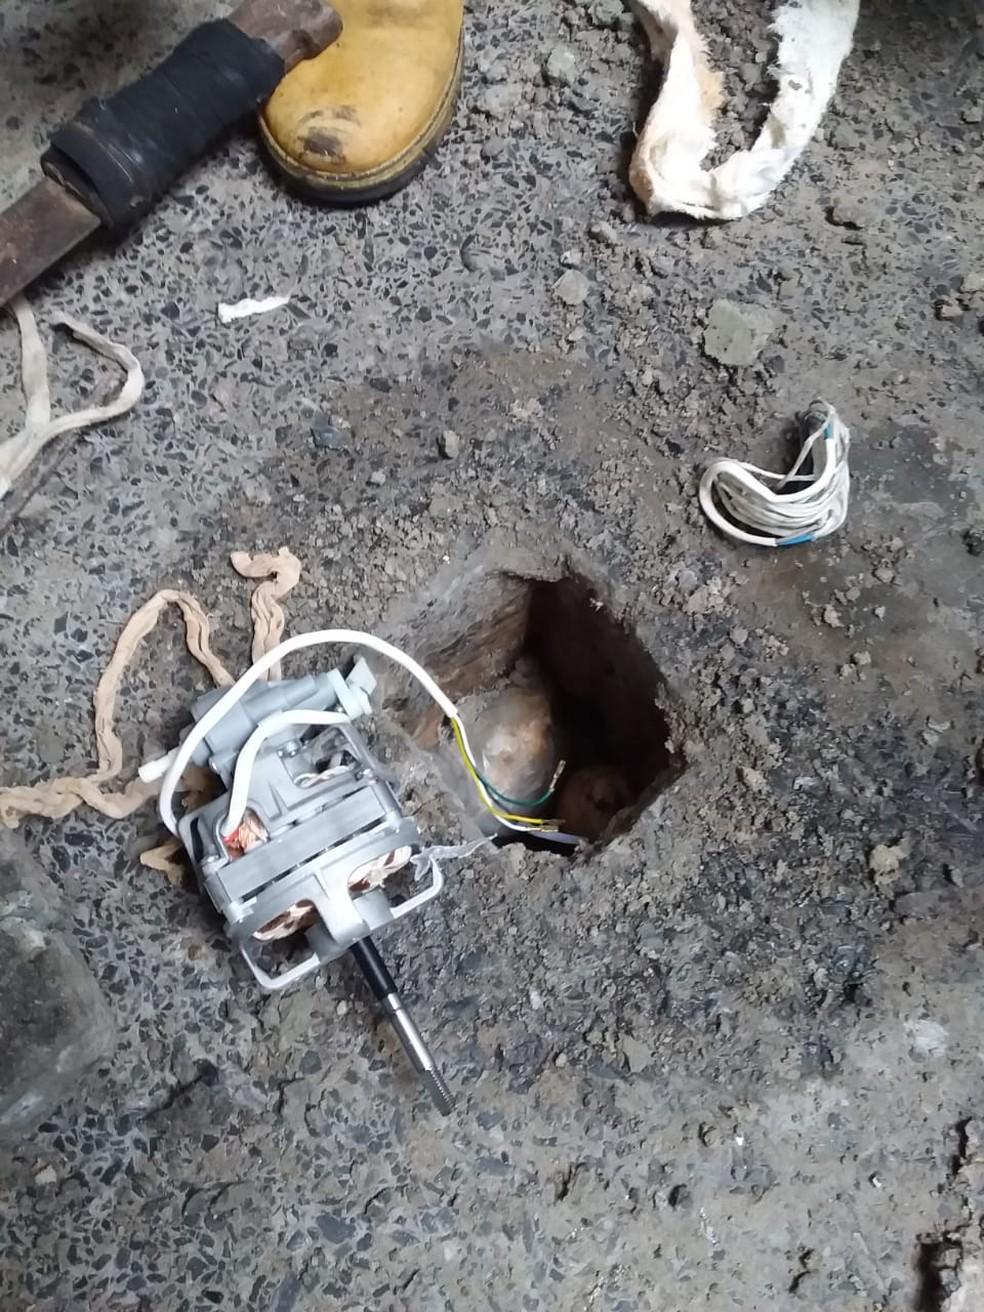 Equipamentos utilizados para perfuração foram apreendidos — Foto: SESP-MT